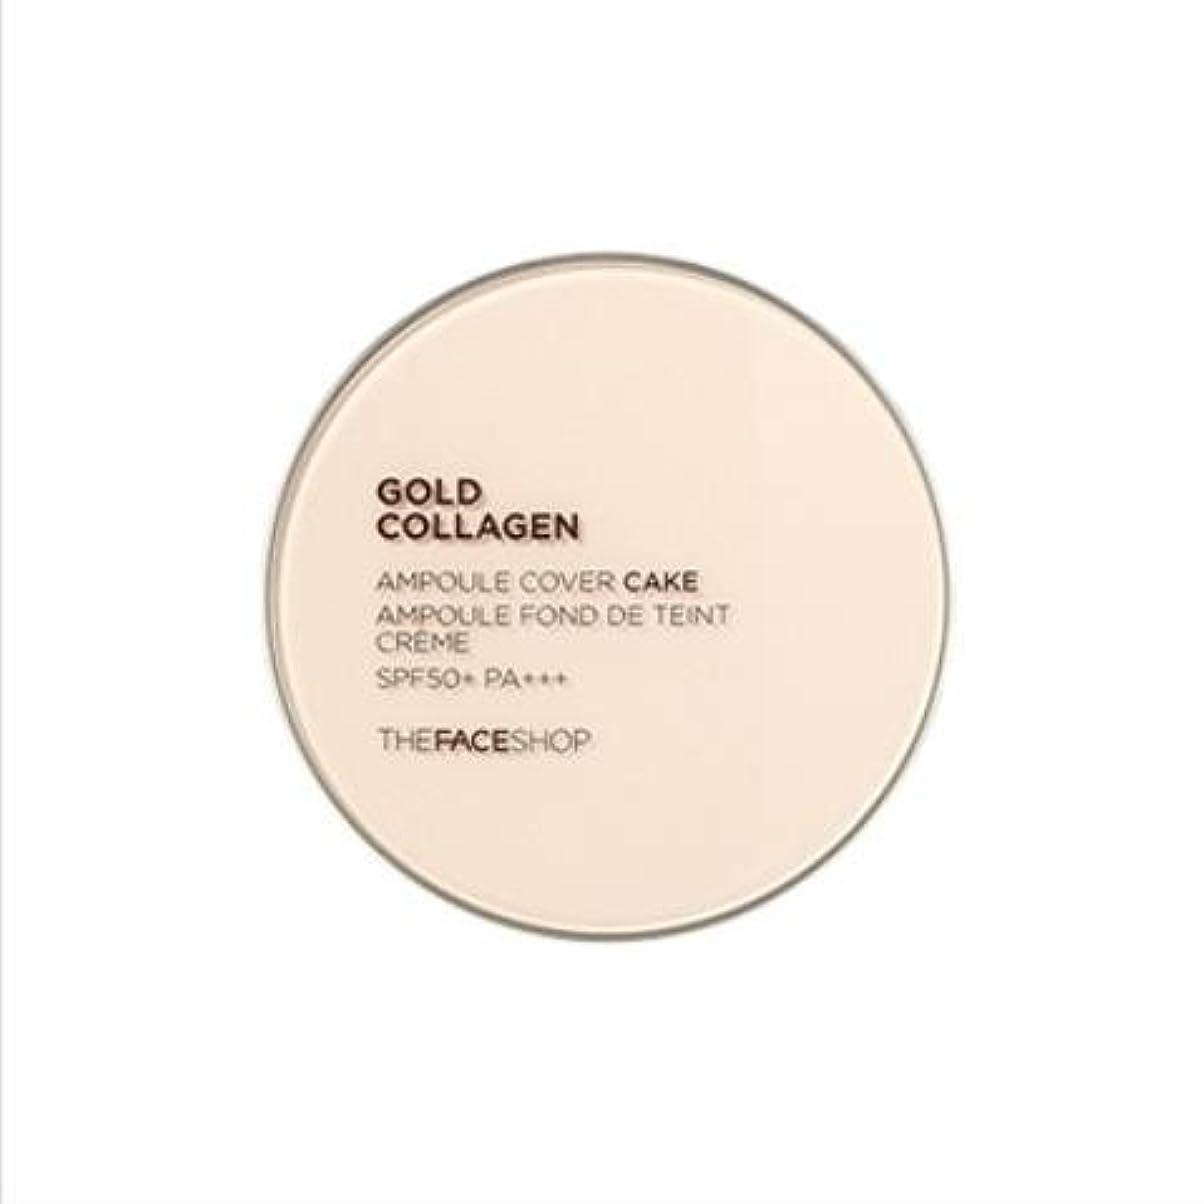 侵入する前件コンテンポラリー[ザフェイスショップ] THE FACE SHOP [ゴールドコラーゲンアンプルカバー SPF50 PA+++ V201 APRICOT BEIGE] (GOLD COLLAGEN AMPOULE COVER CAKE SPF50 PA+++ V201 APRICOT BEIGE) [並行輸入品]